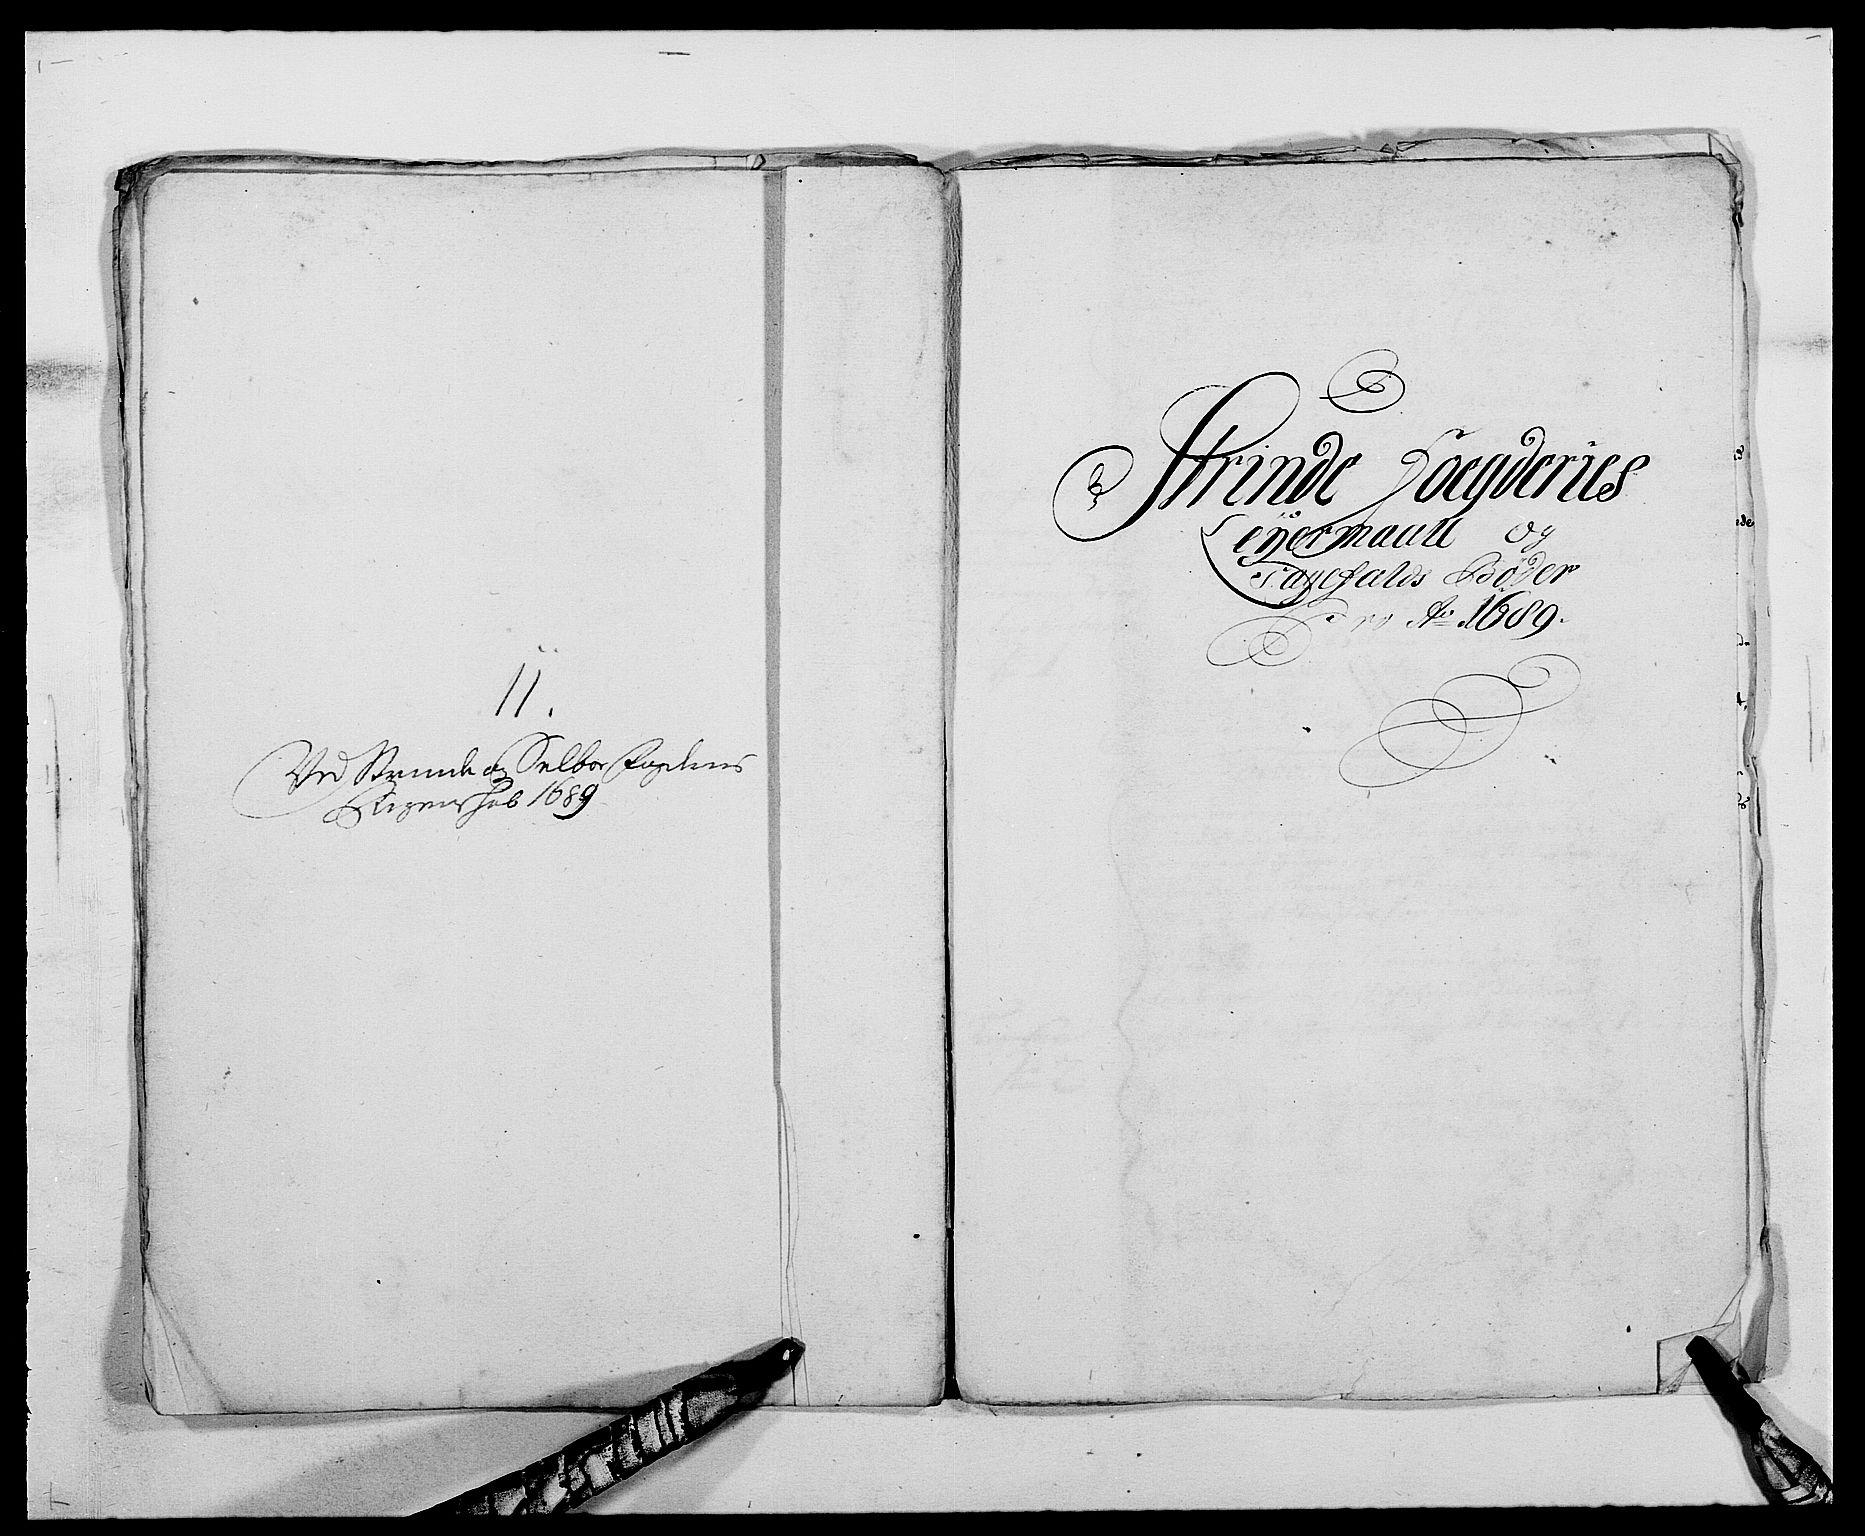 RA, Rentekammeret inntil 1814, Reviderte regnskaper, Fogderegnskap, R61/L4102: Fogderegnskap Strinda og Selbu, 1689-1690, s. 66